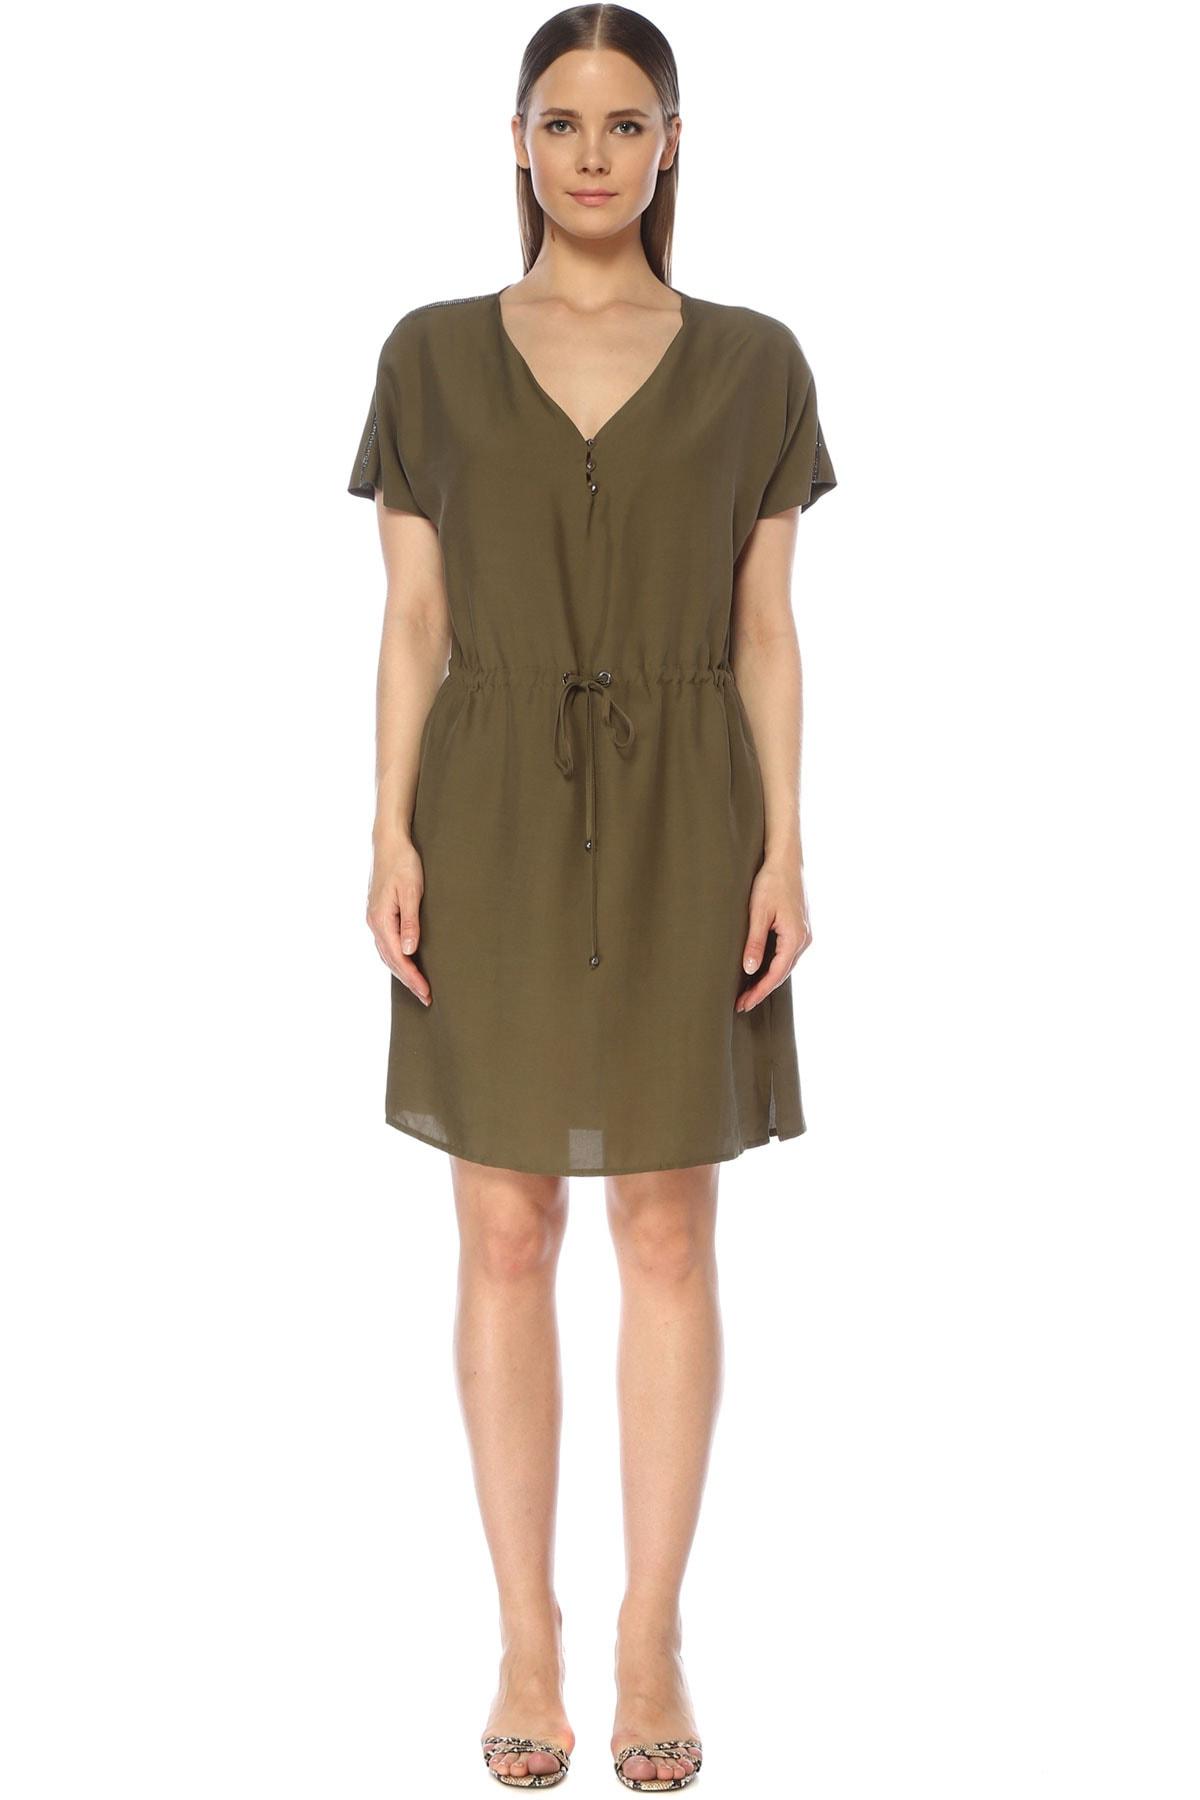 Kadın Haki Elbise 1075258